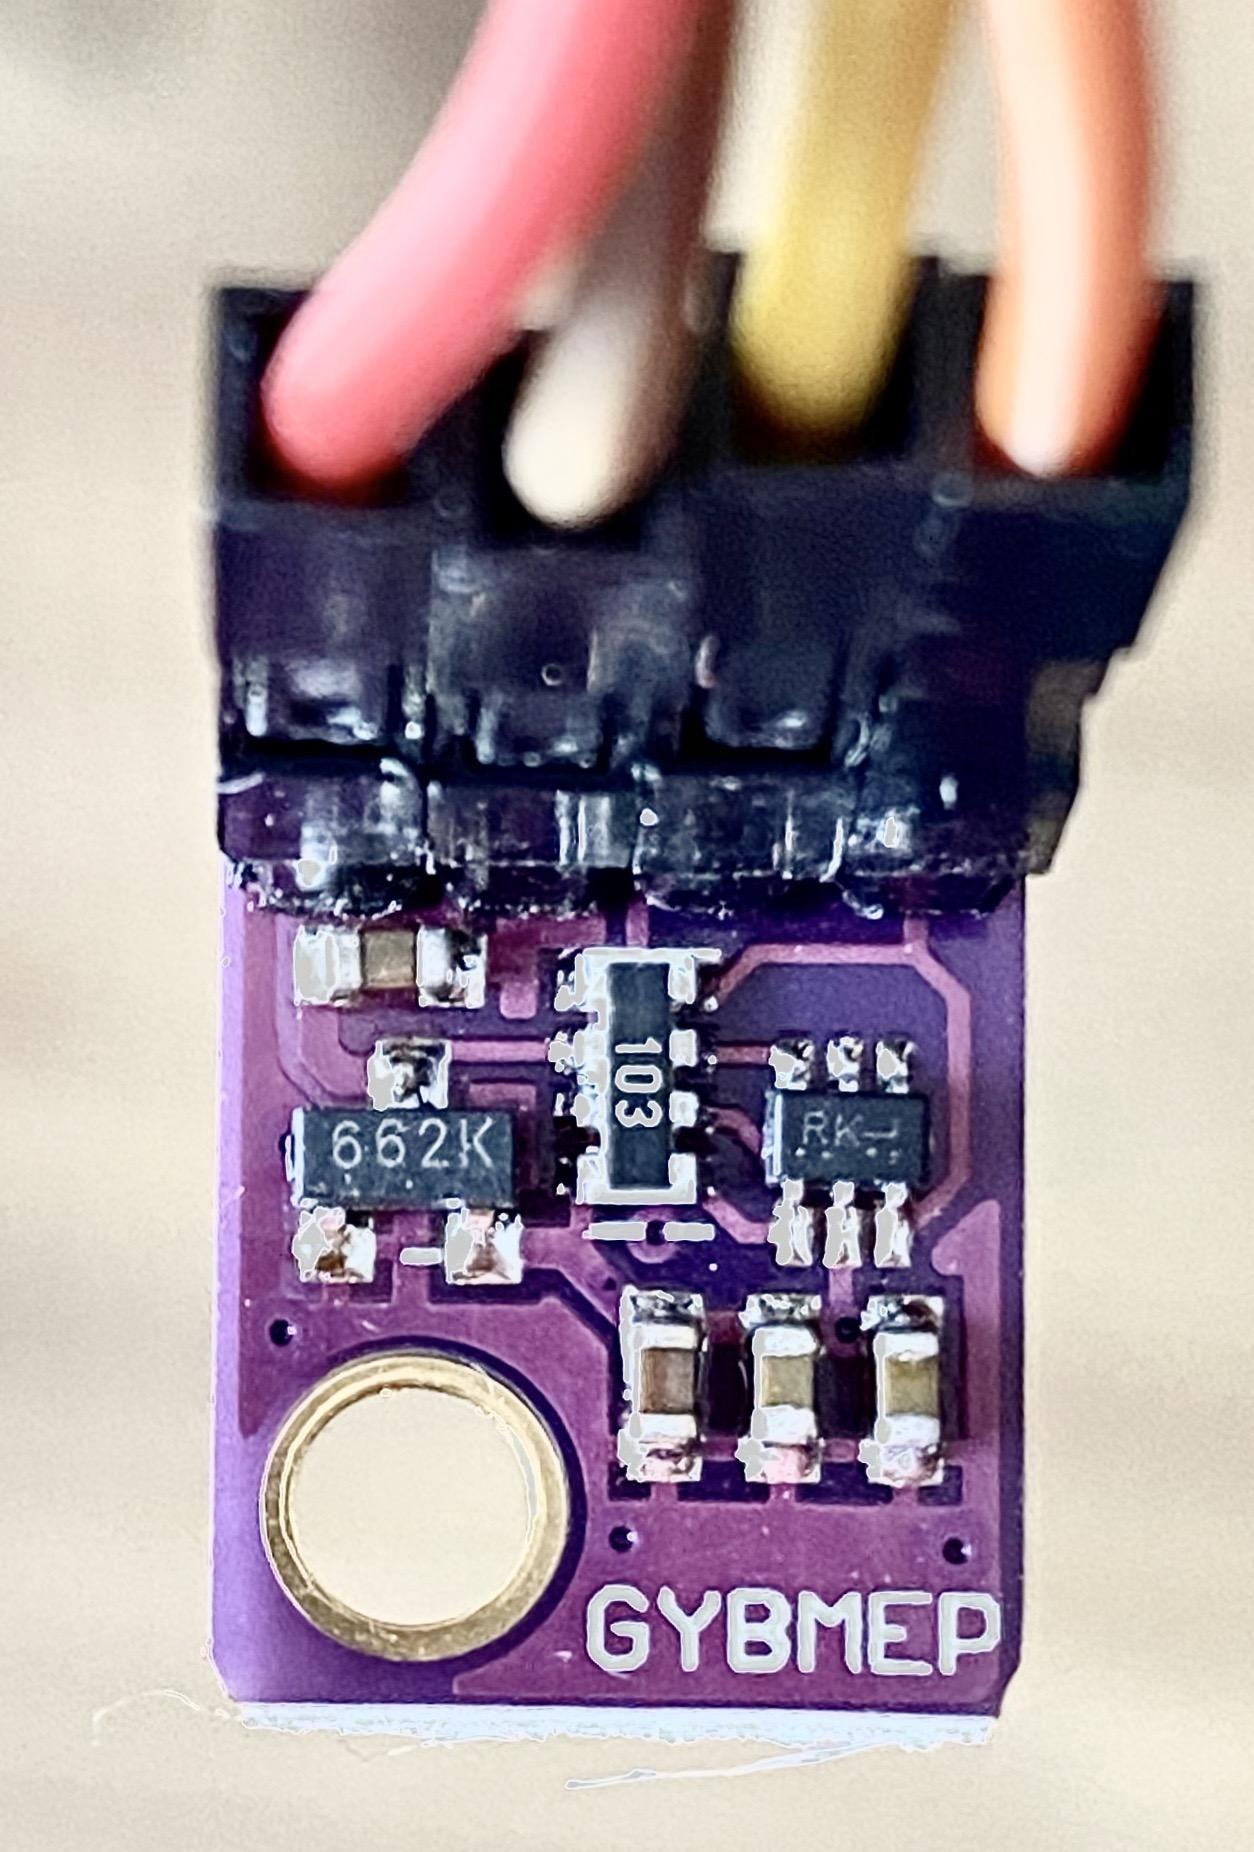 Temperatur Luftfeuchtigkeit Luftdruck BME280 Digitales Sensormodul X7O6